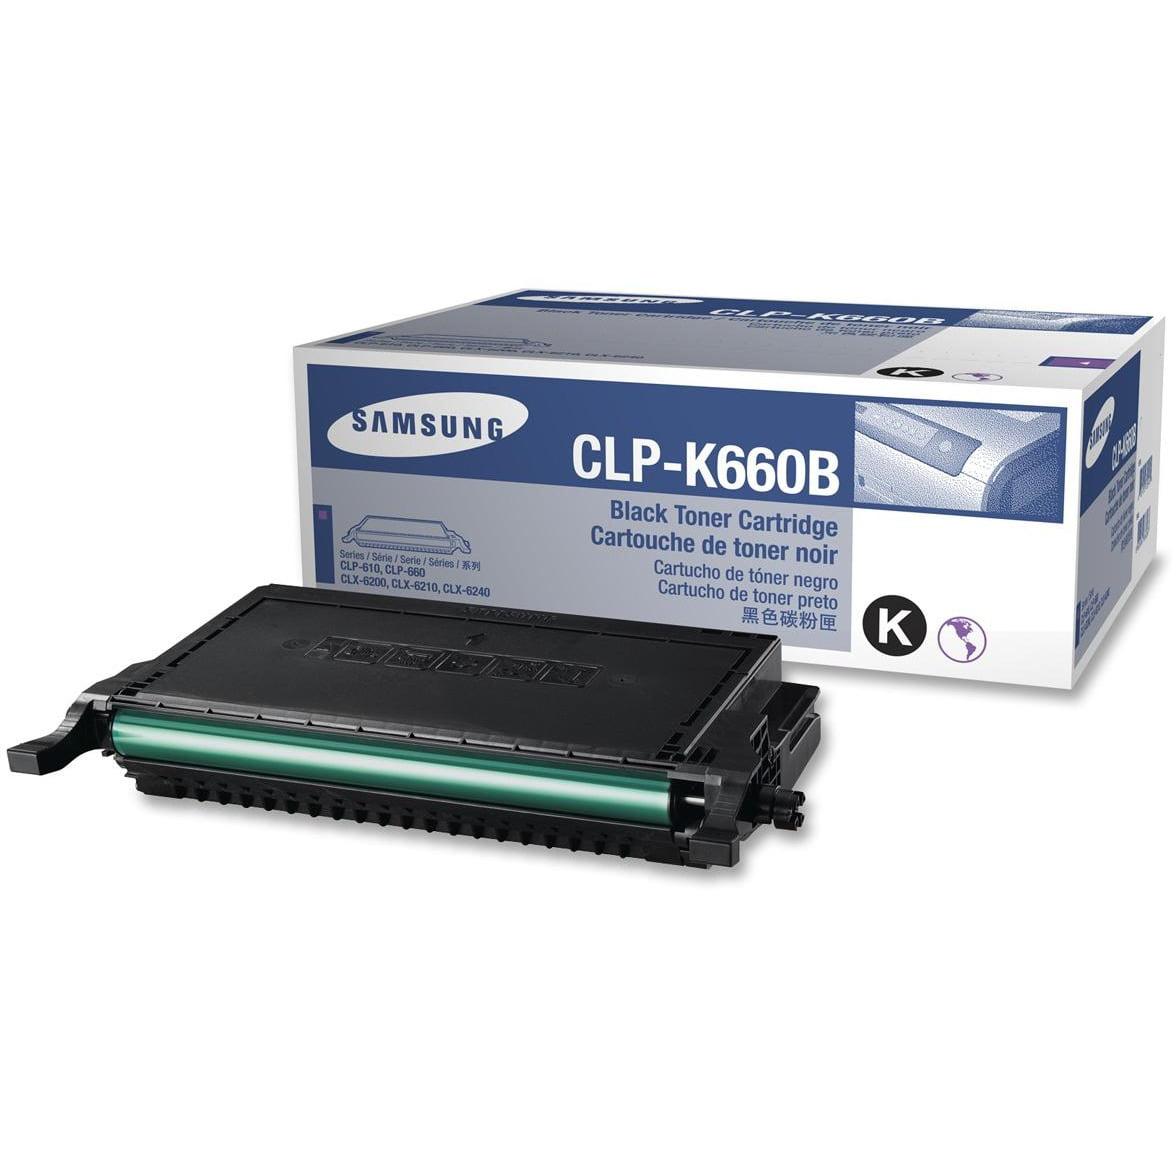 Samsung, SASCLPK660B, CLPK660B Toner Cartridge, 1 Each